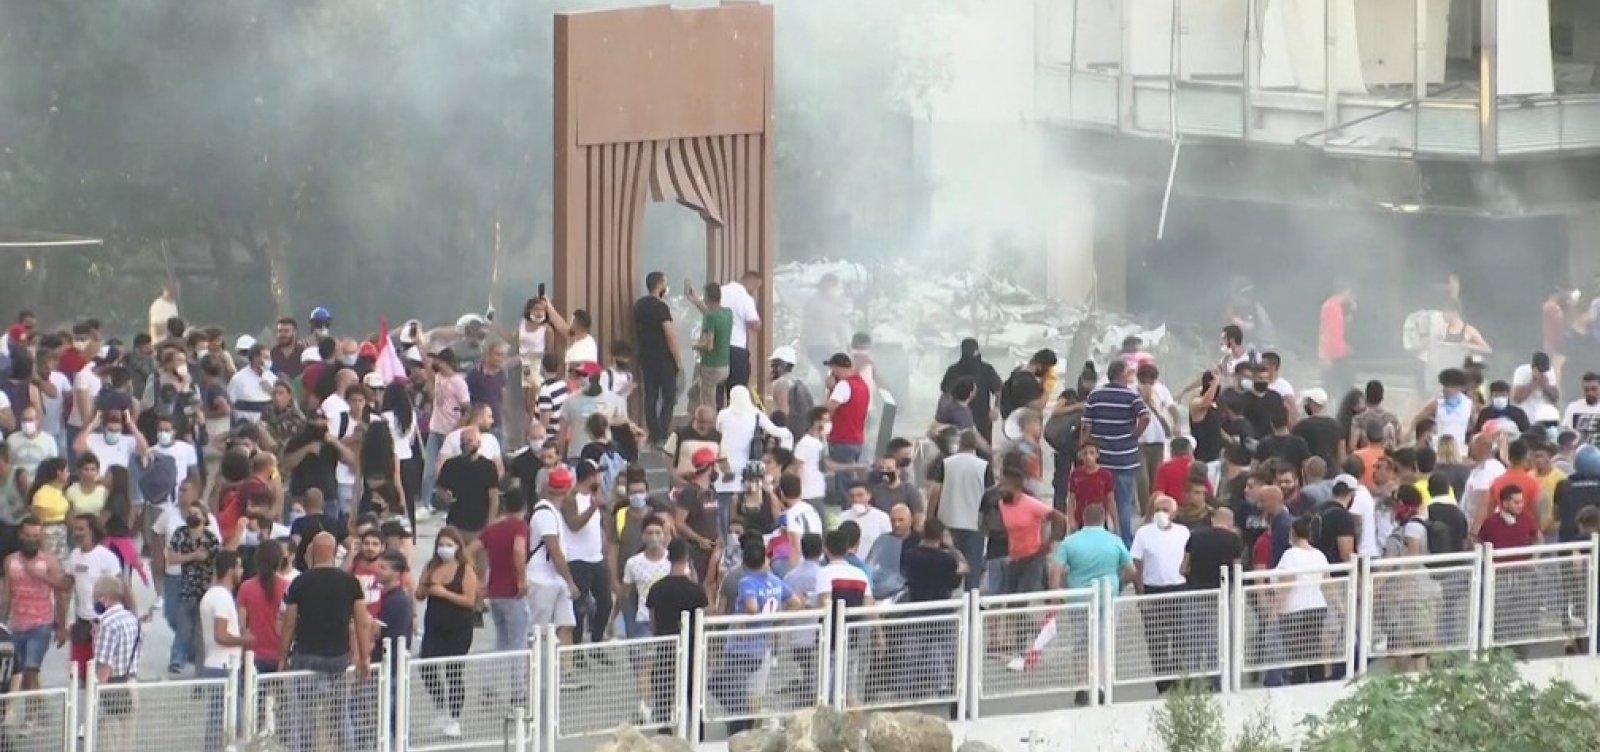 [Líbano tem segundo dia de protestos com confrontos; 2 ministros renunciaram]